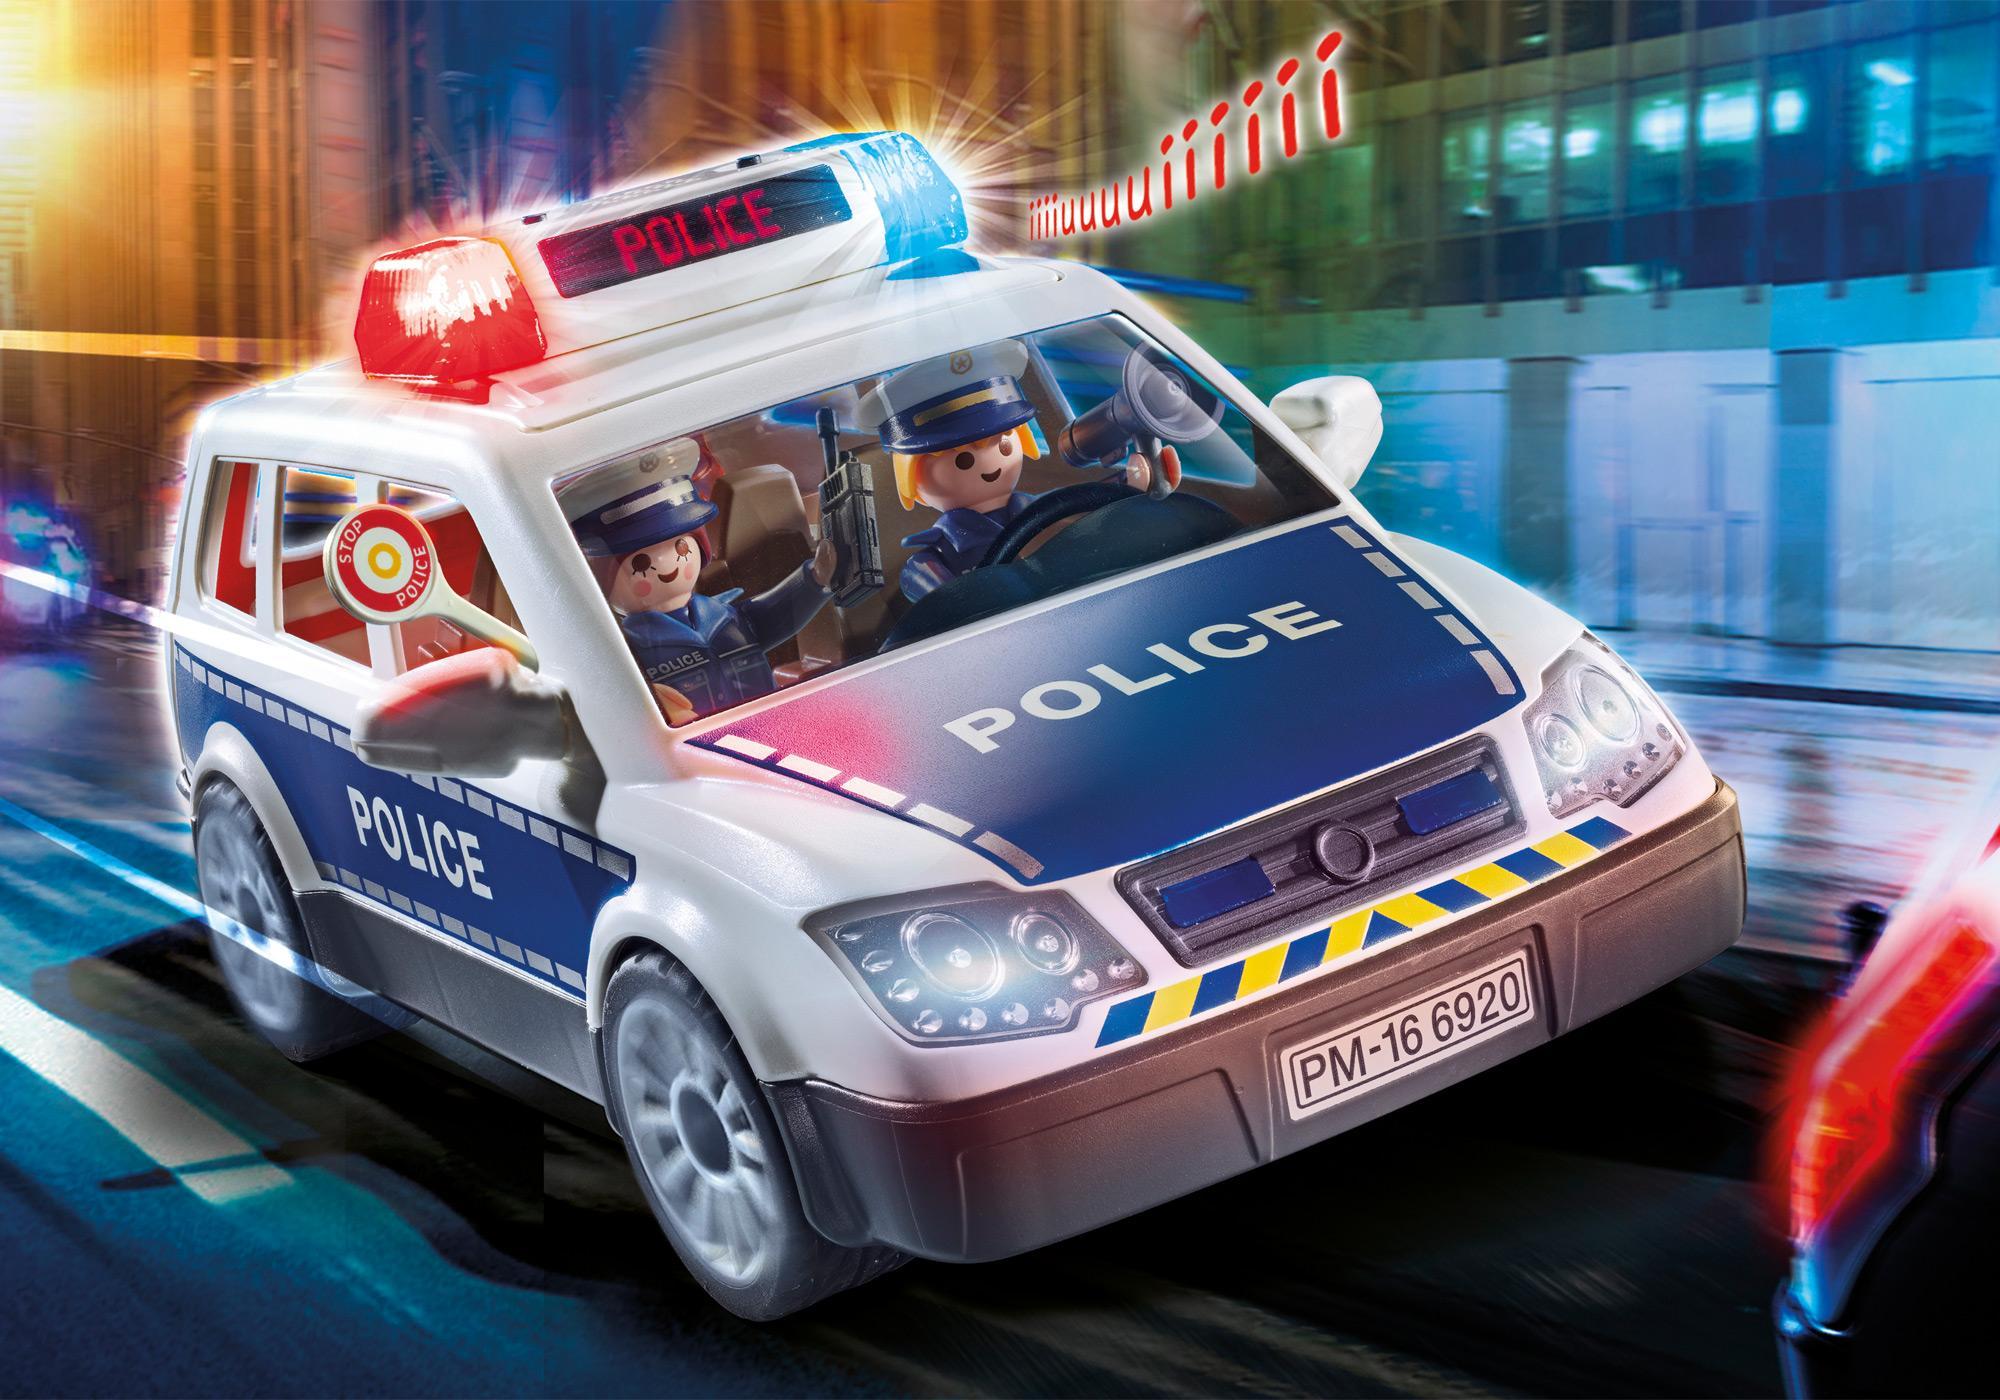 http://media.playmobil.com/i/playmobil/6920_product_detail/Carro da Polícia com luzes e som